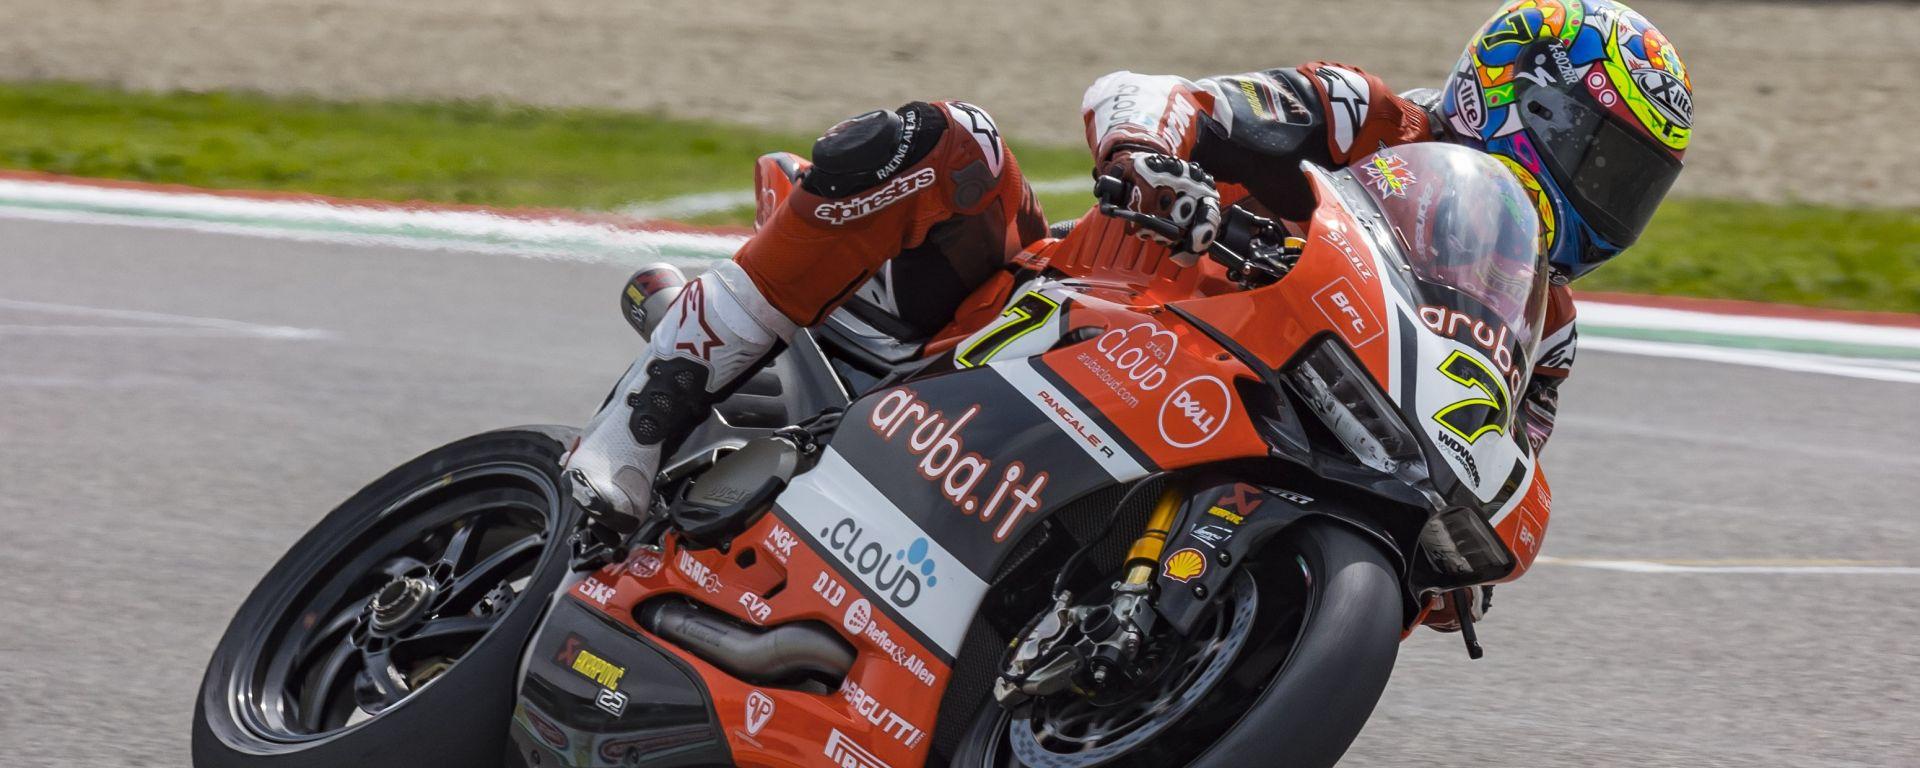 SBK Imola: La Ducati di Chaz Davies sbanca il sabato con pole e vittoria in gara 1